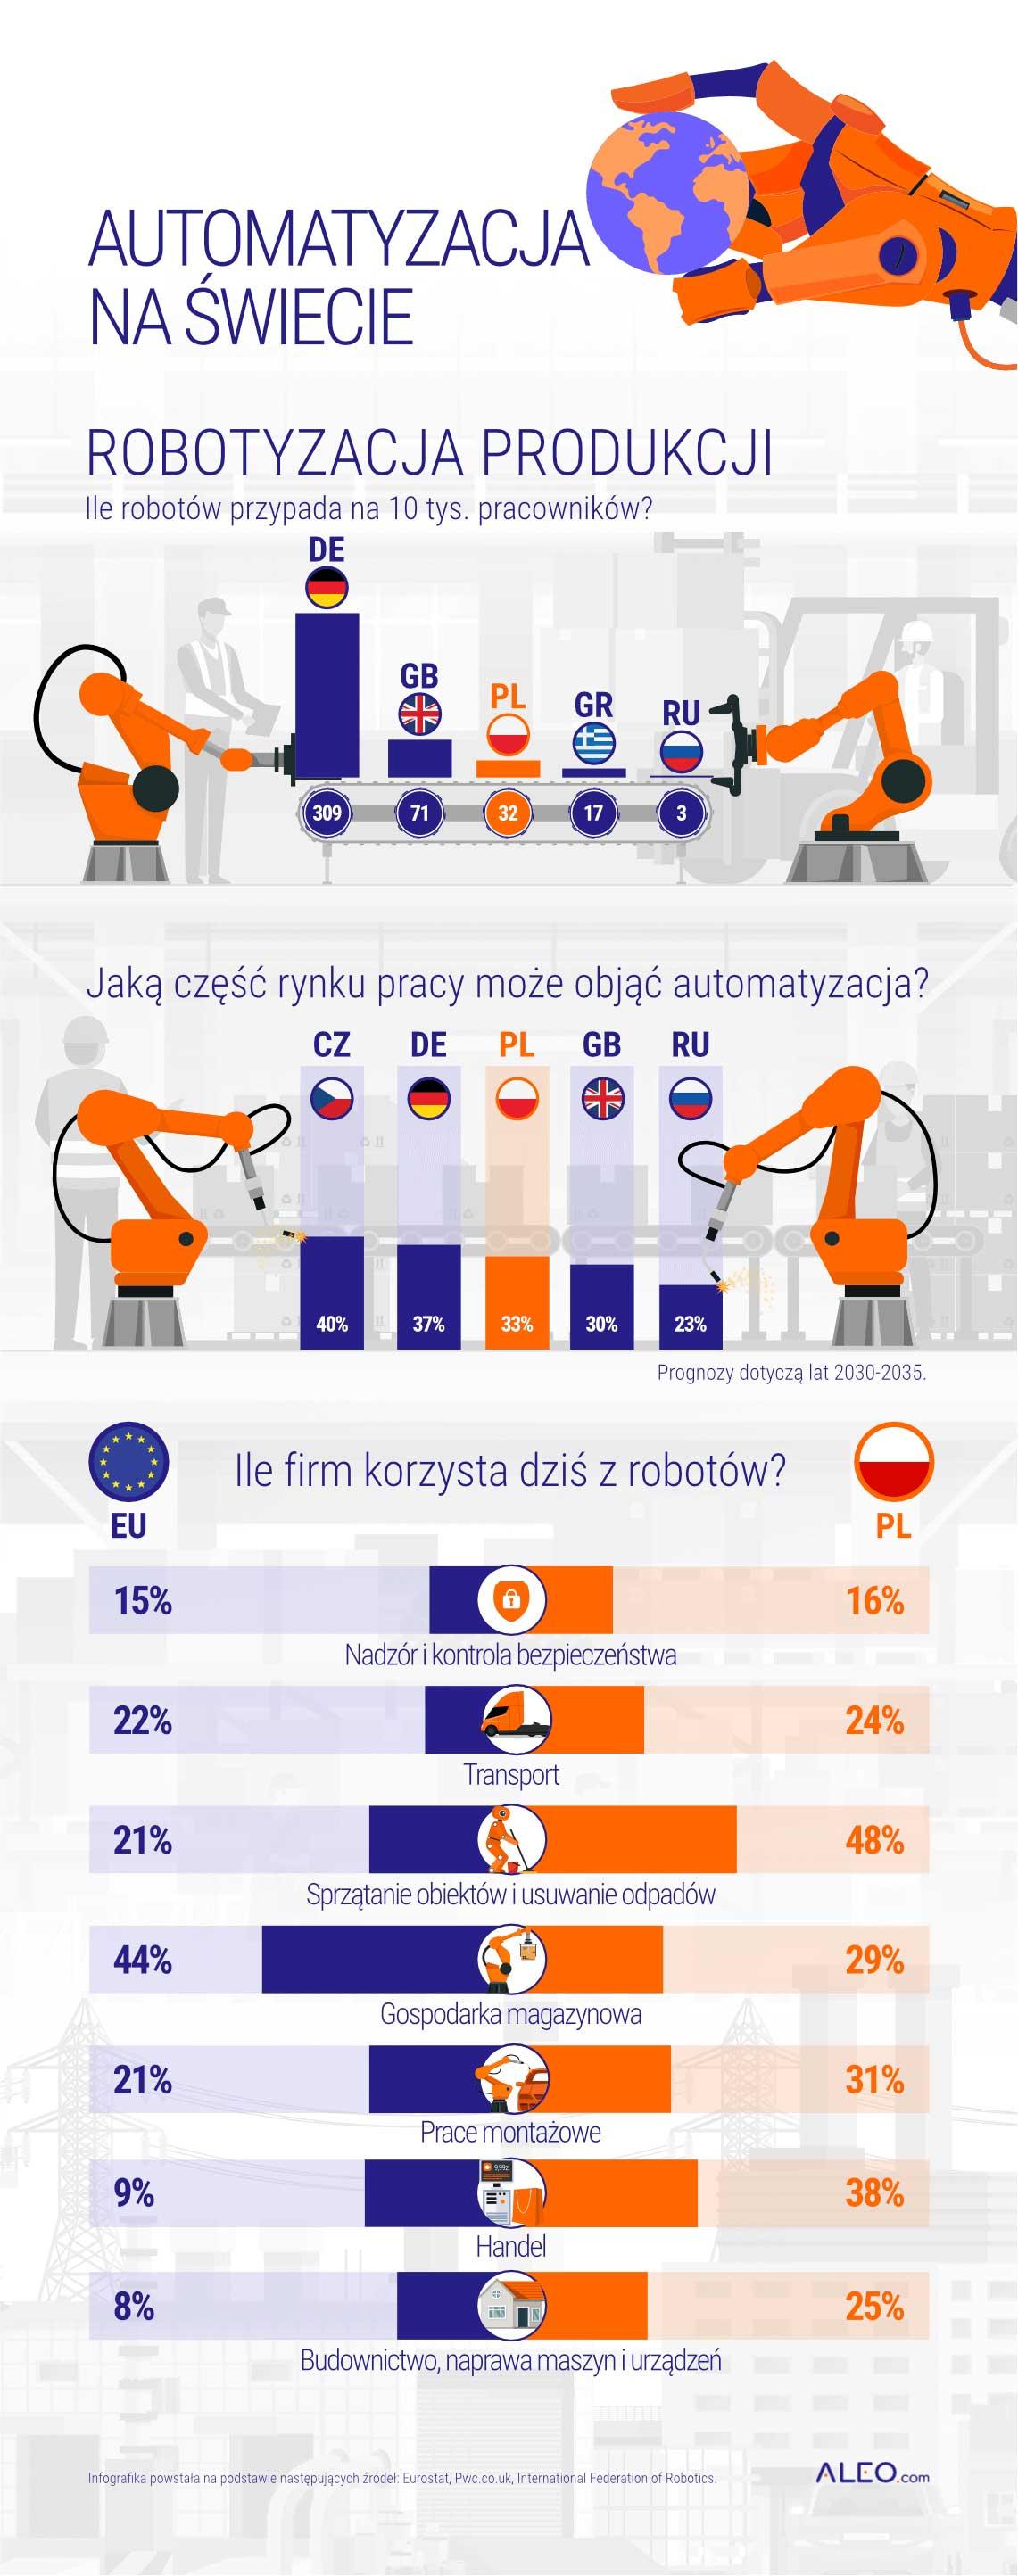 Czy roboty zmienią rynek pracy? Polacy się tym nie przejmują 2